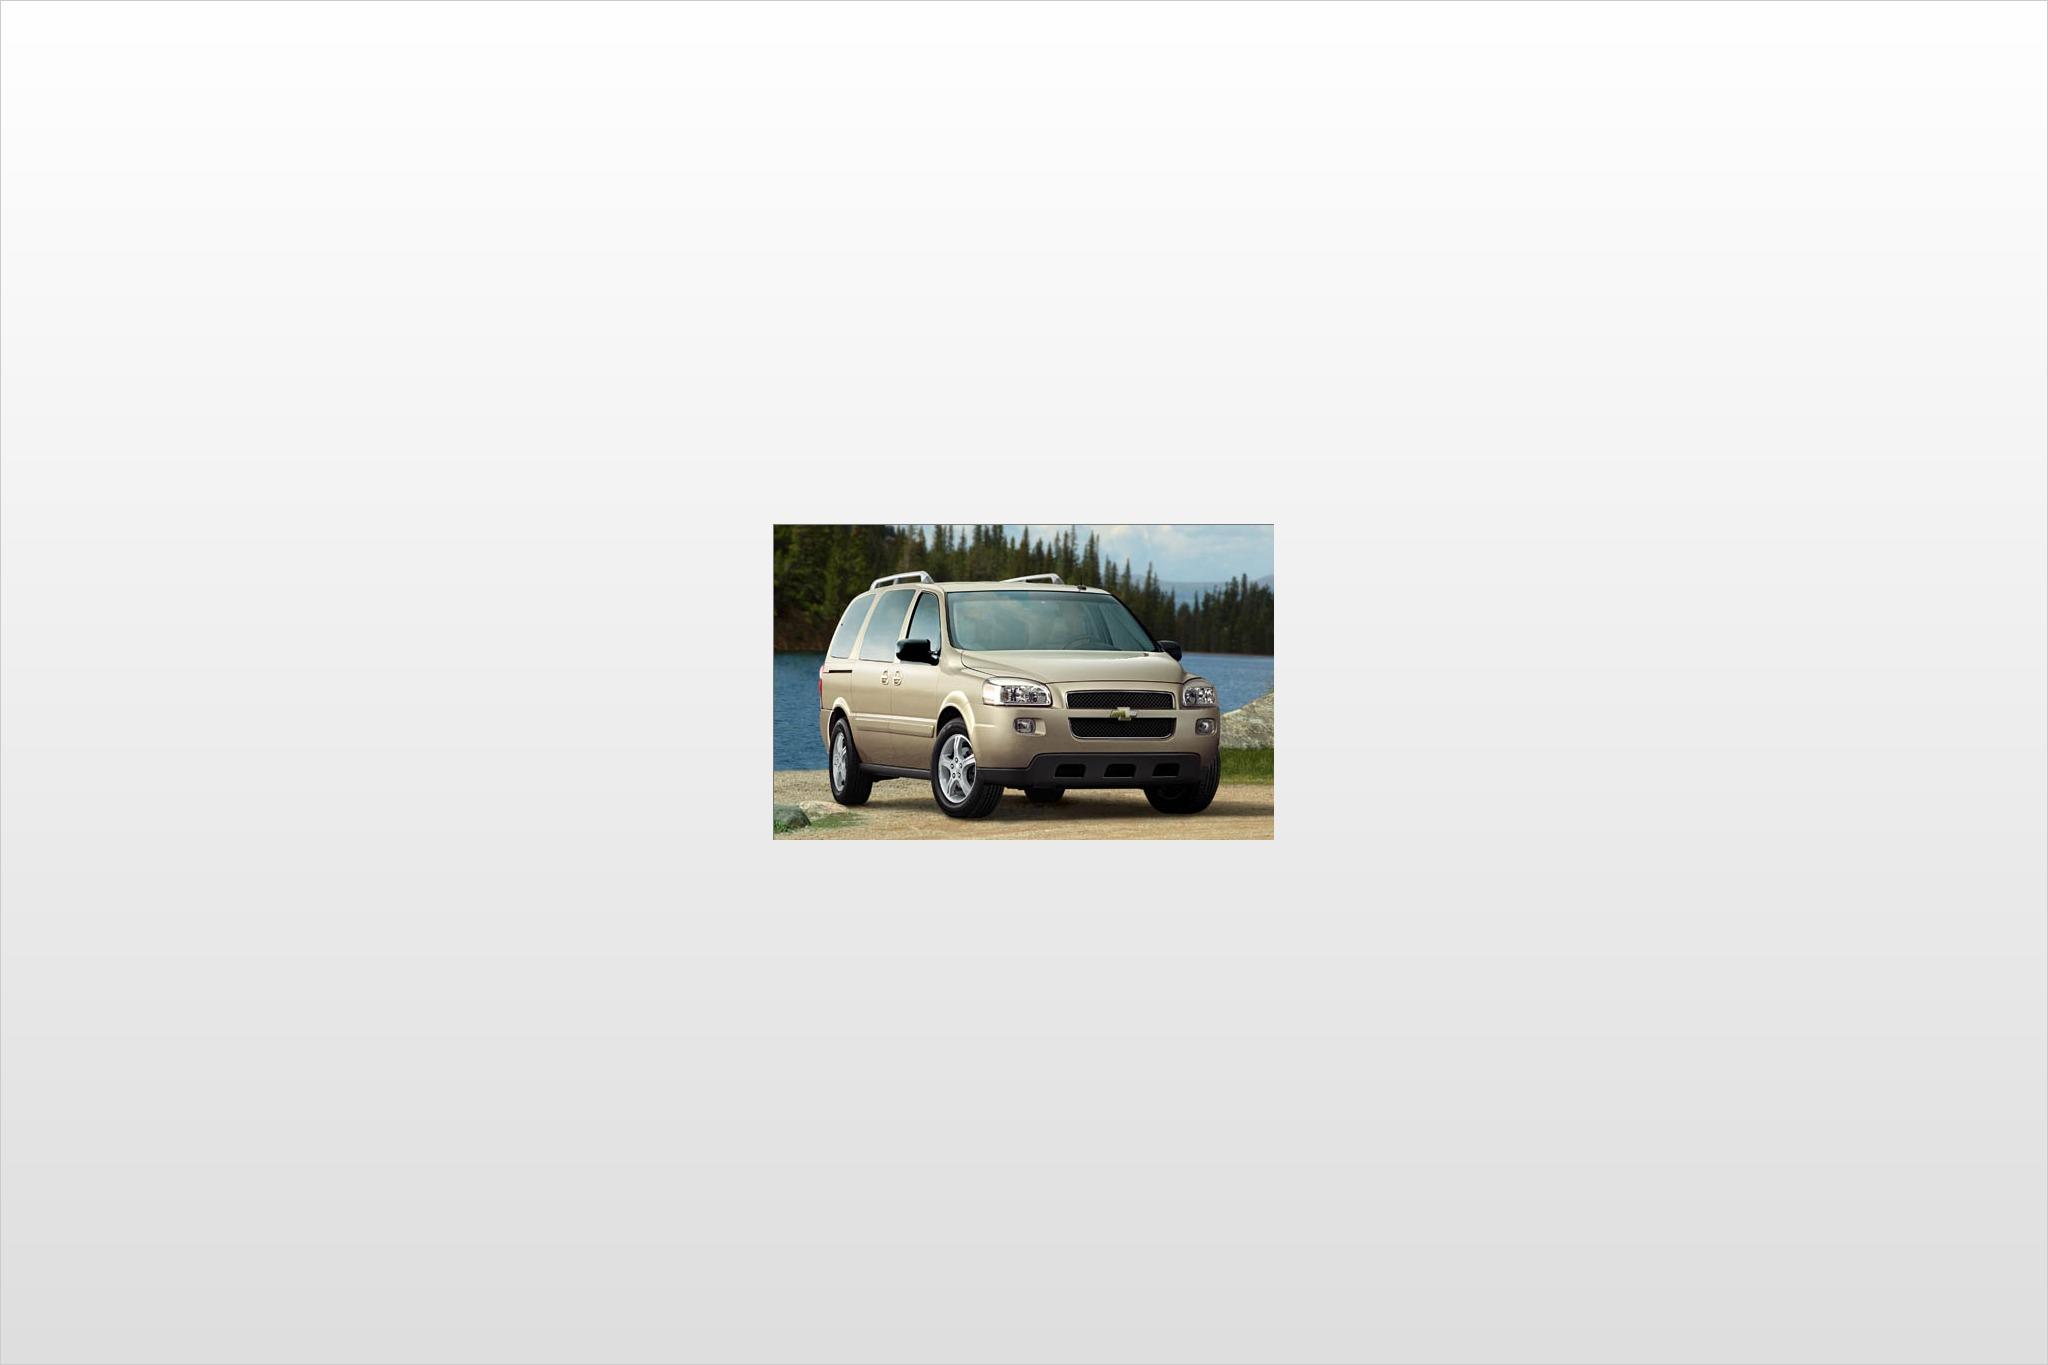 2005 chevrolet uplander passenger minivan base fq oem 1 2048